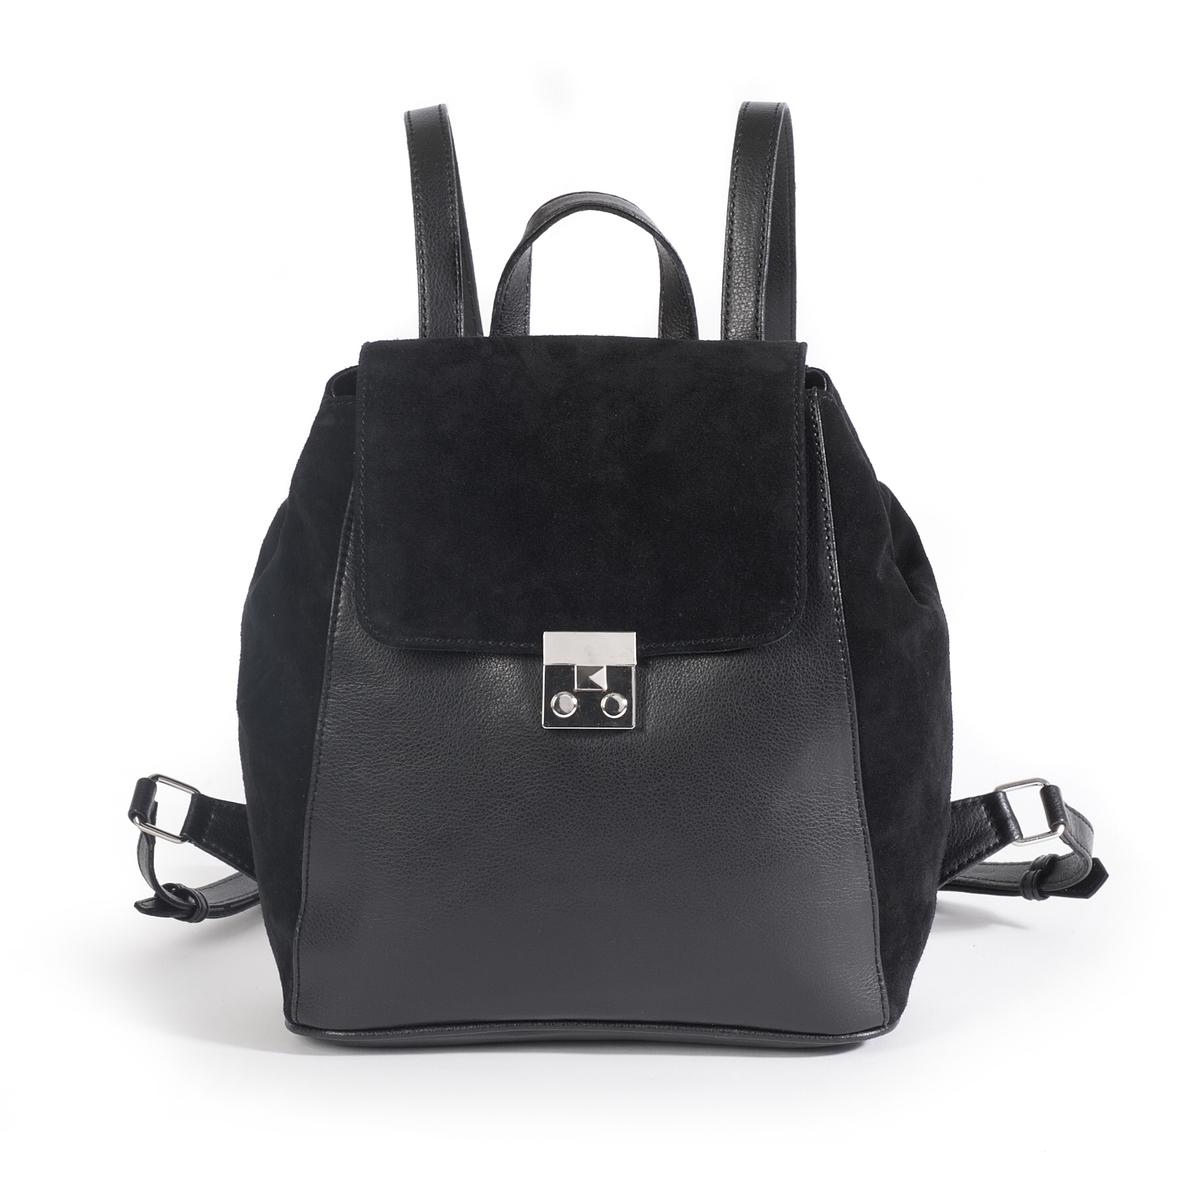 Рюкзак кожаныйОписание:Красивые материалы, графическая застежка, практичная и современная сумка, которую можно носить в руках и как модный и женственный рюкзак.Состав и описание :  •  Материал : верх спилок/козья кожа                        подкладка из текстиля •  Размер : Ш.33 X В.30 X Г.12 см •  Застежка : замочек Внутренний карман : 1 карман на молнии и 1 карман для мобильного телефонаРегулируемые бретелиМожно носить через плечо или в руках<br><br>Цвет: черный